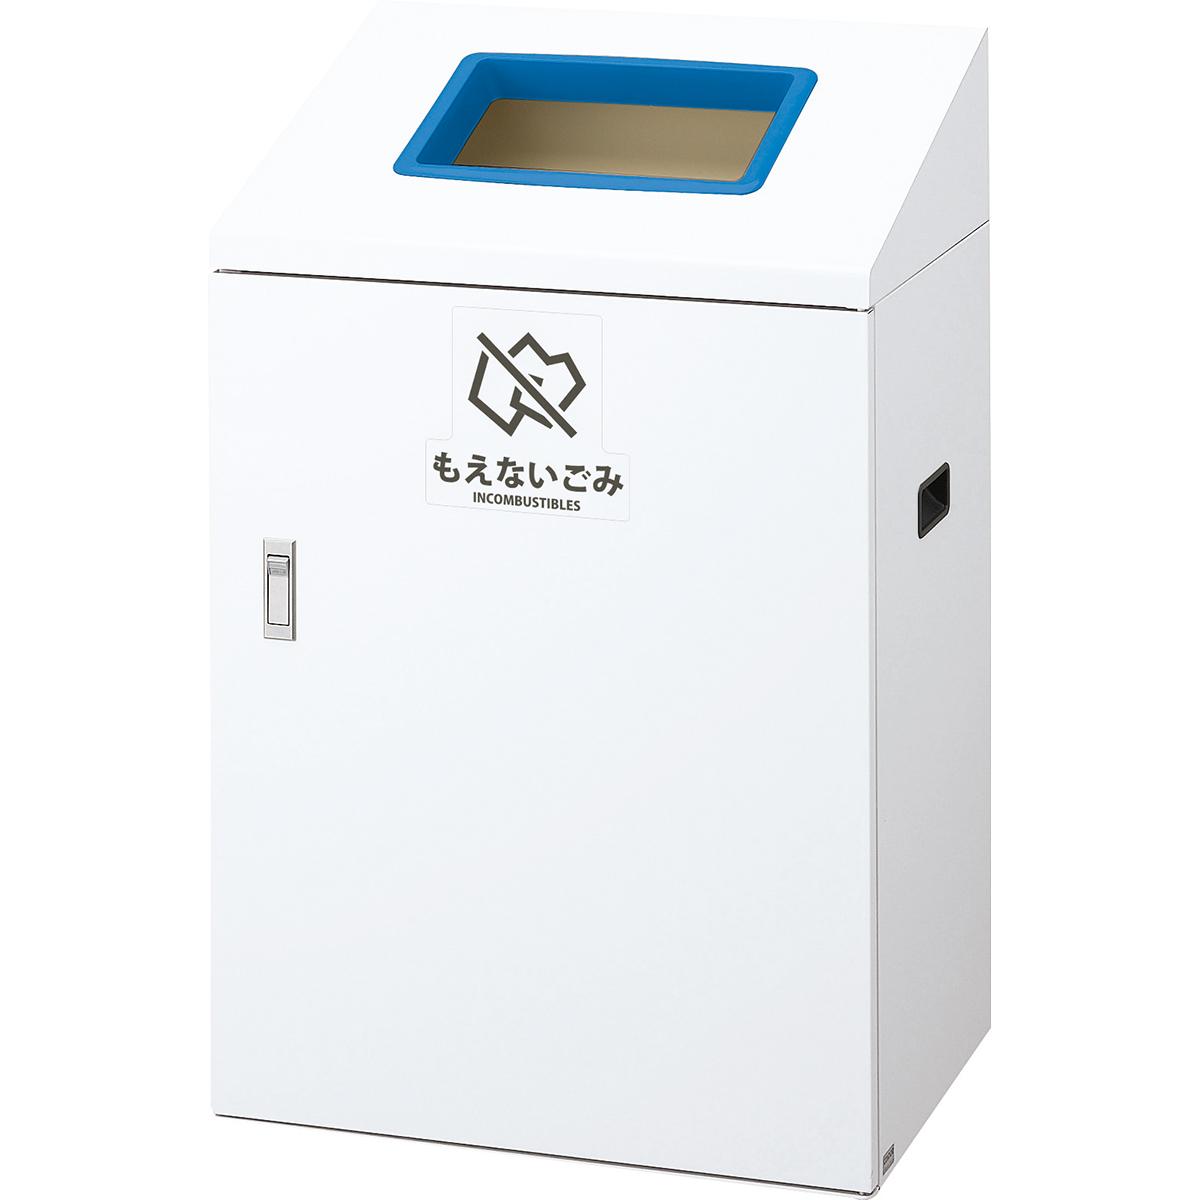 山崎産業 リサイクルボックス YI-90 90L もえないゴミ/BL(青) (代引不可) YW-434L-ID